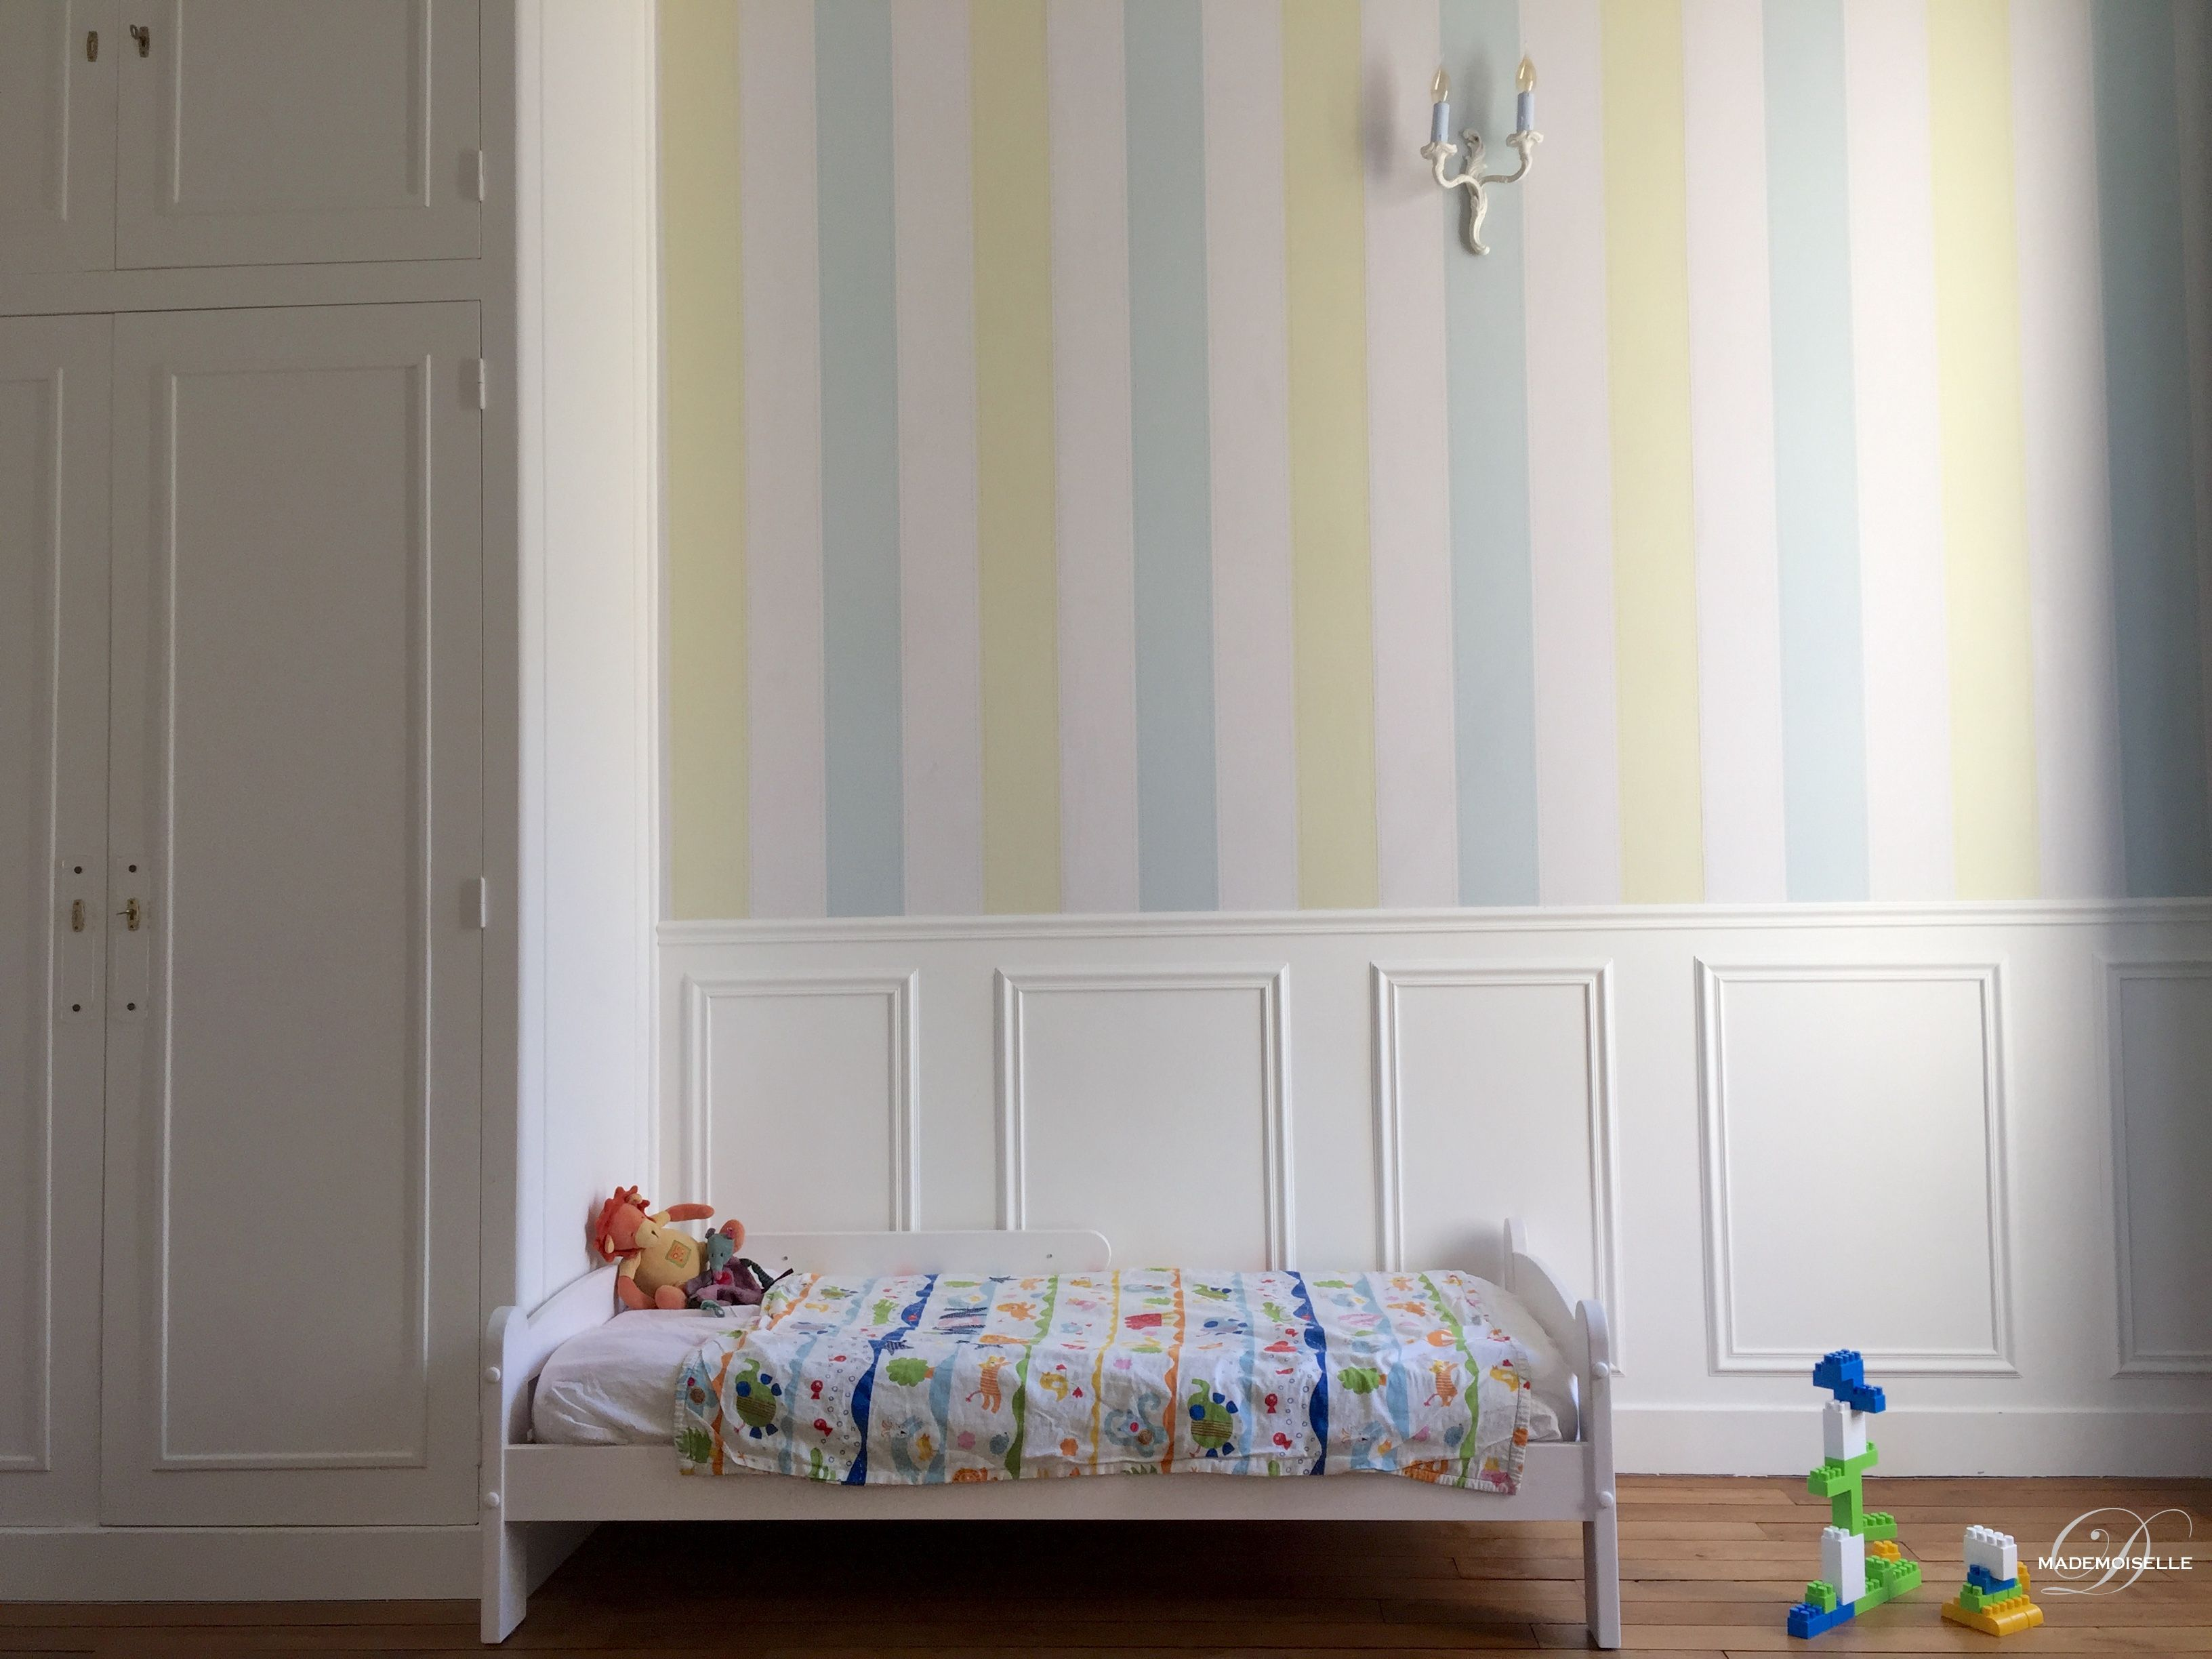 Décoration Chambre Denfant Bleu Et Vert Anis Sous Bassement Bois - Chambre enfant bleu et vert